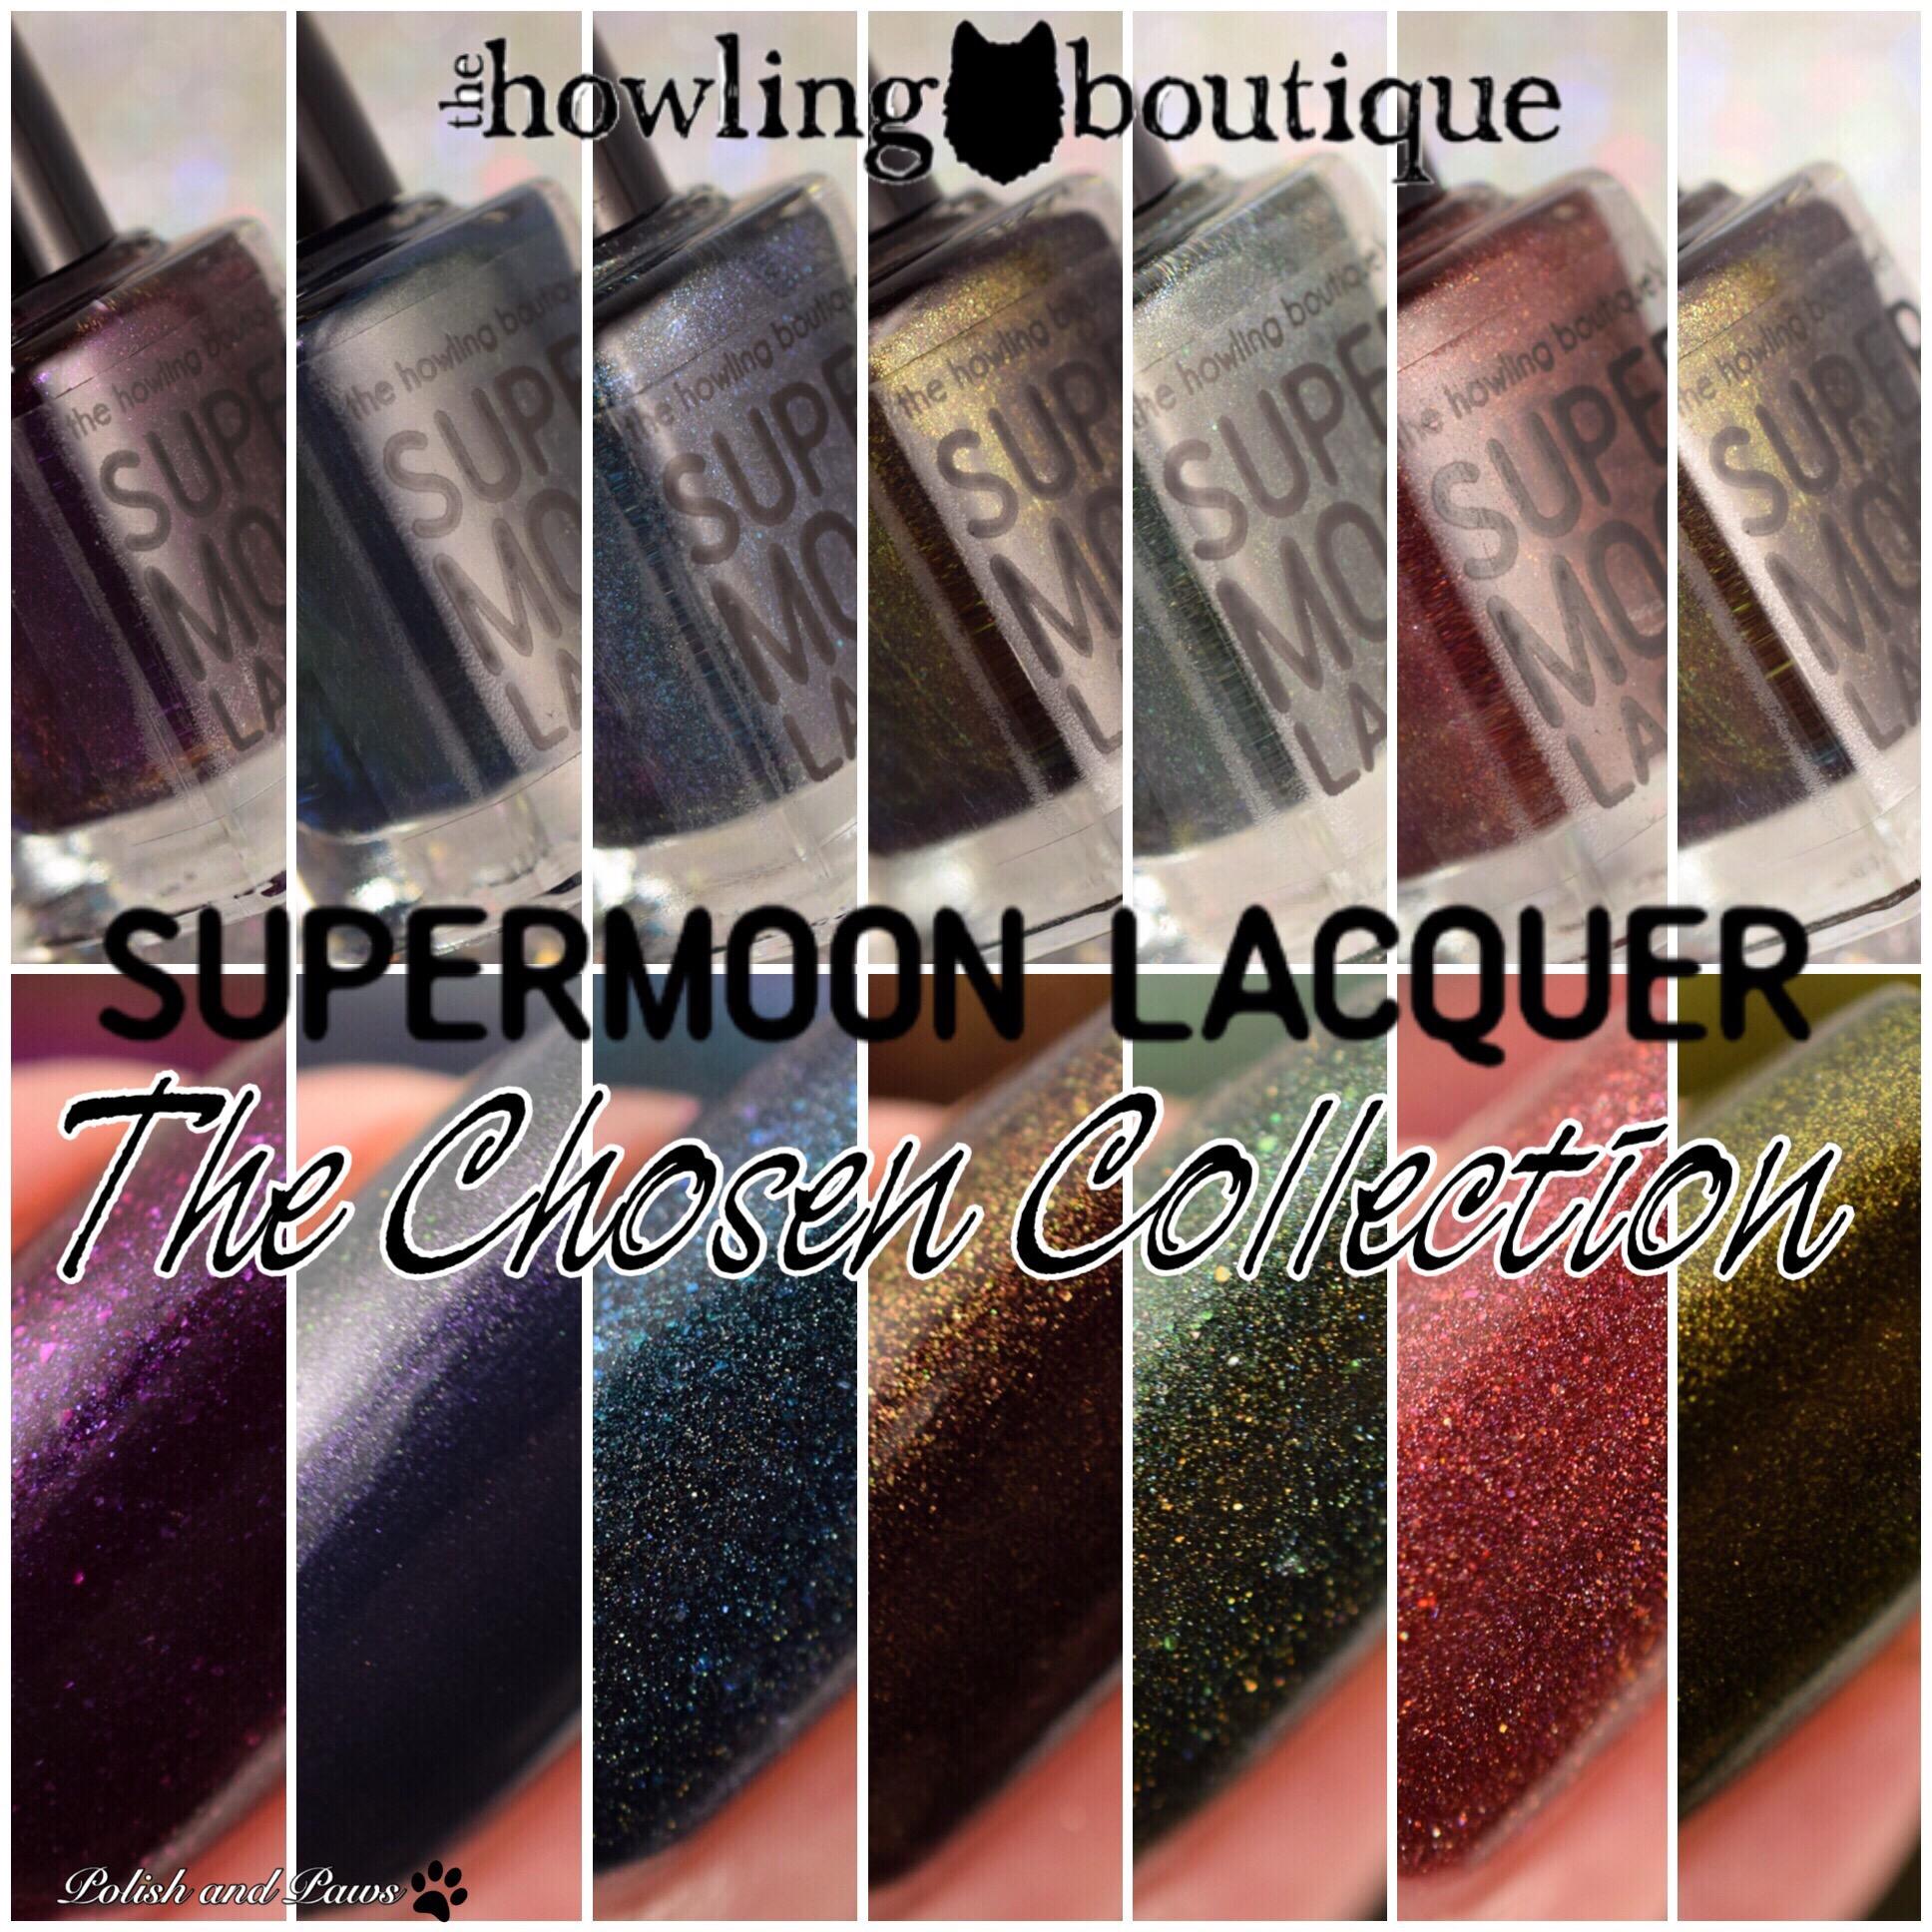 Supermoon Lacquer The Chosen Collection